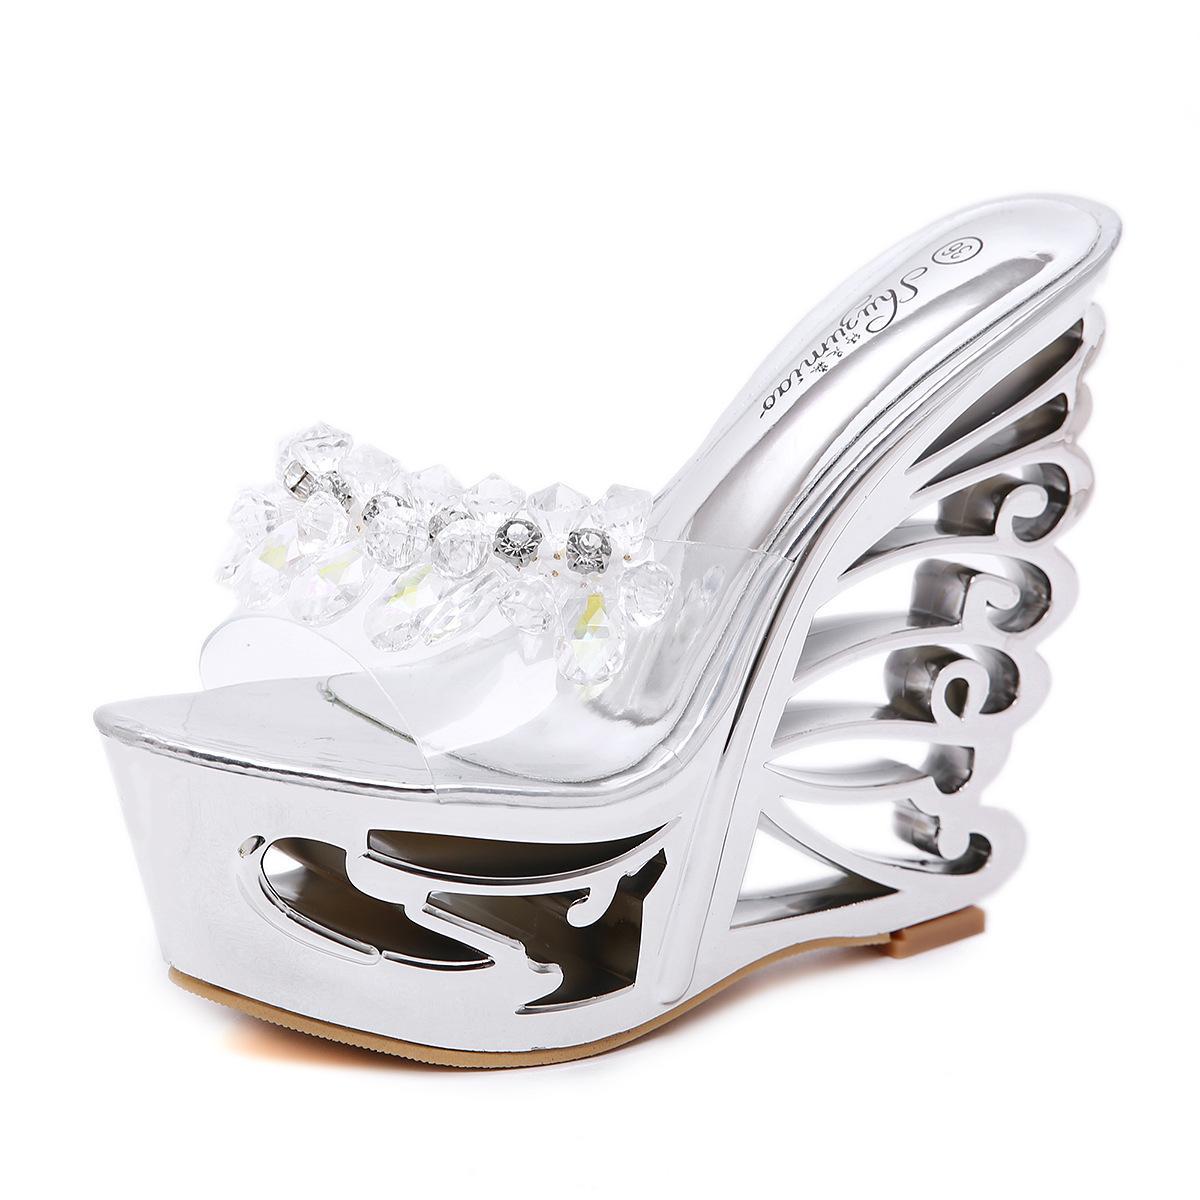 dab11fdcdd64dd Großhandel Frauen Plateau Sandalen High Heels Sommer Schuhe Peep Toe Frauen  Keil Sandalen Hausschuhe Gold Silber Perlen Heels Frauen Sandalen Von ...